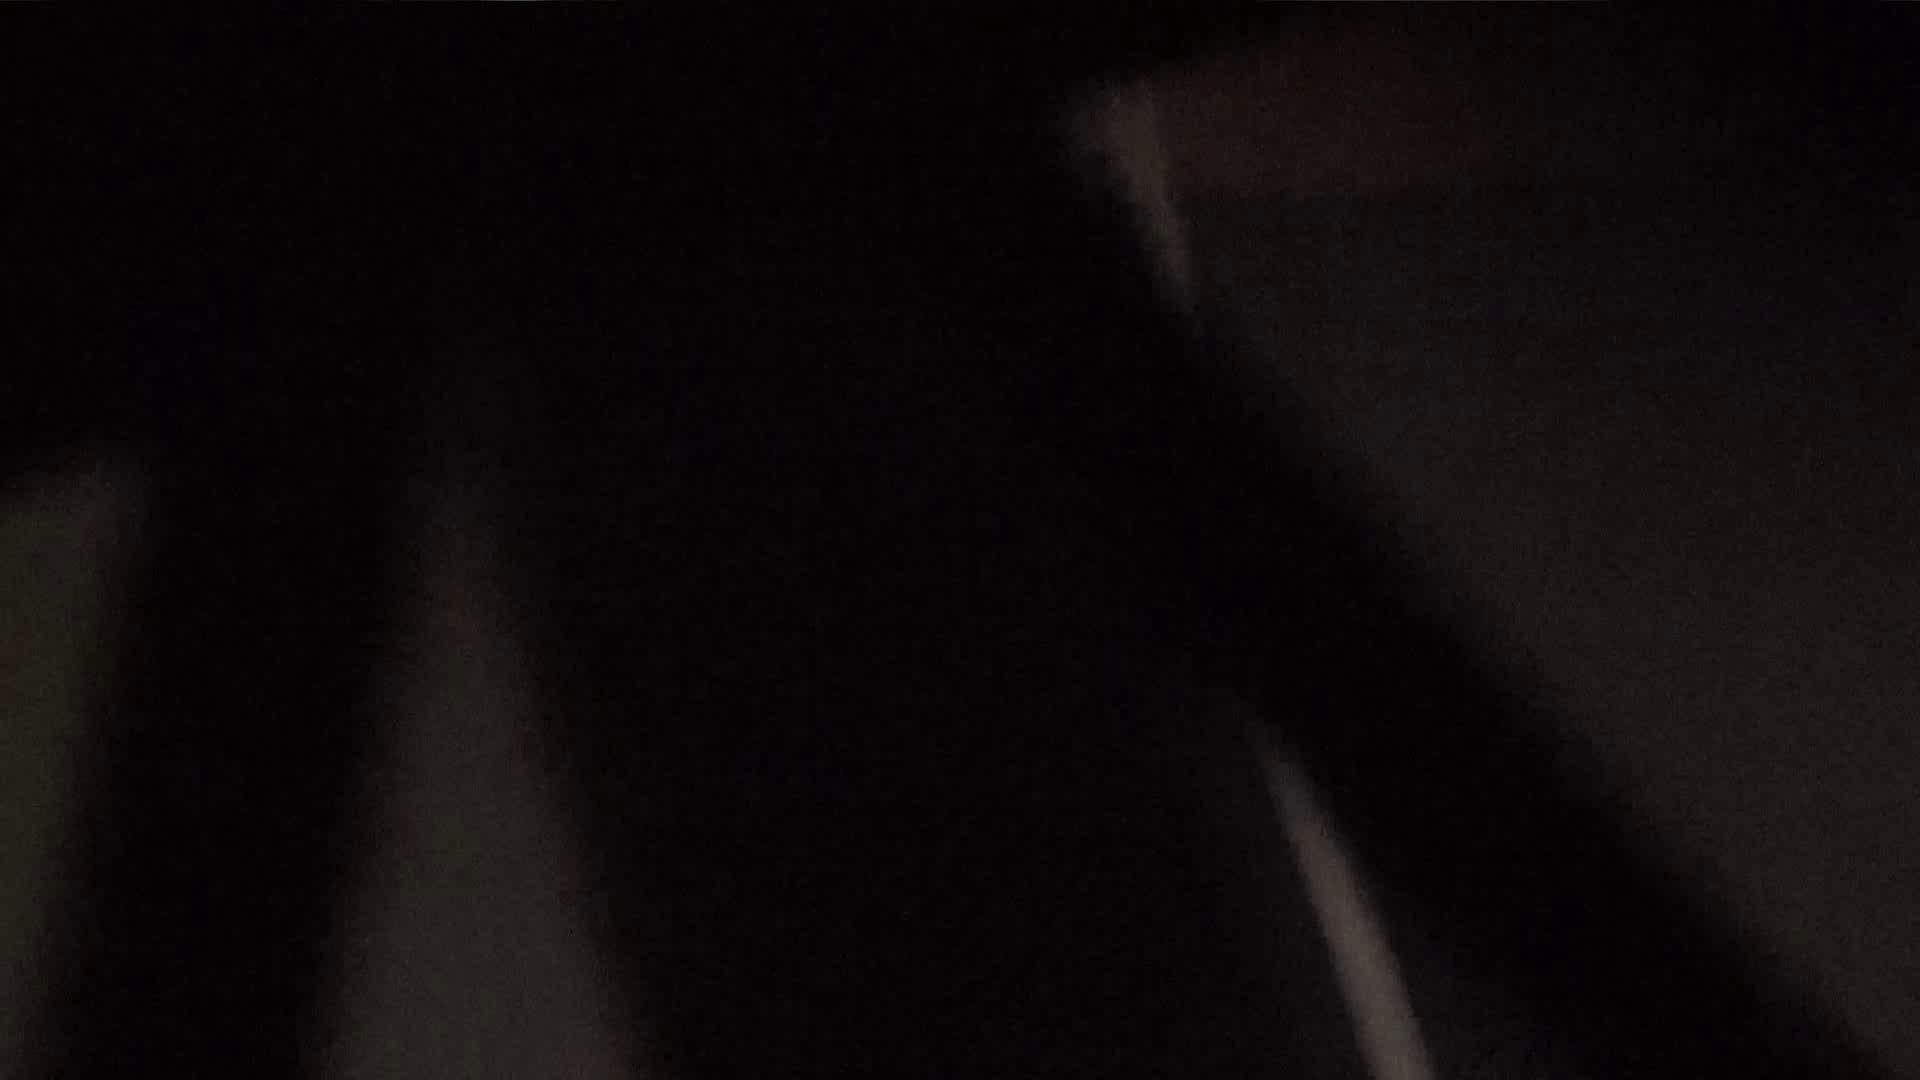 民家の騎士さんの最後の性戦ハイビジョン!!No.65 チクビ SEX無修正画像 89画像 66